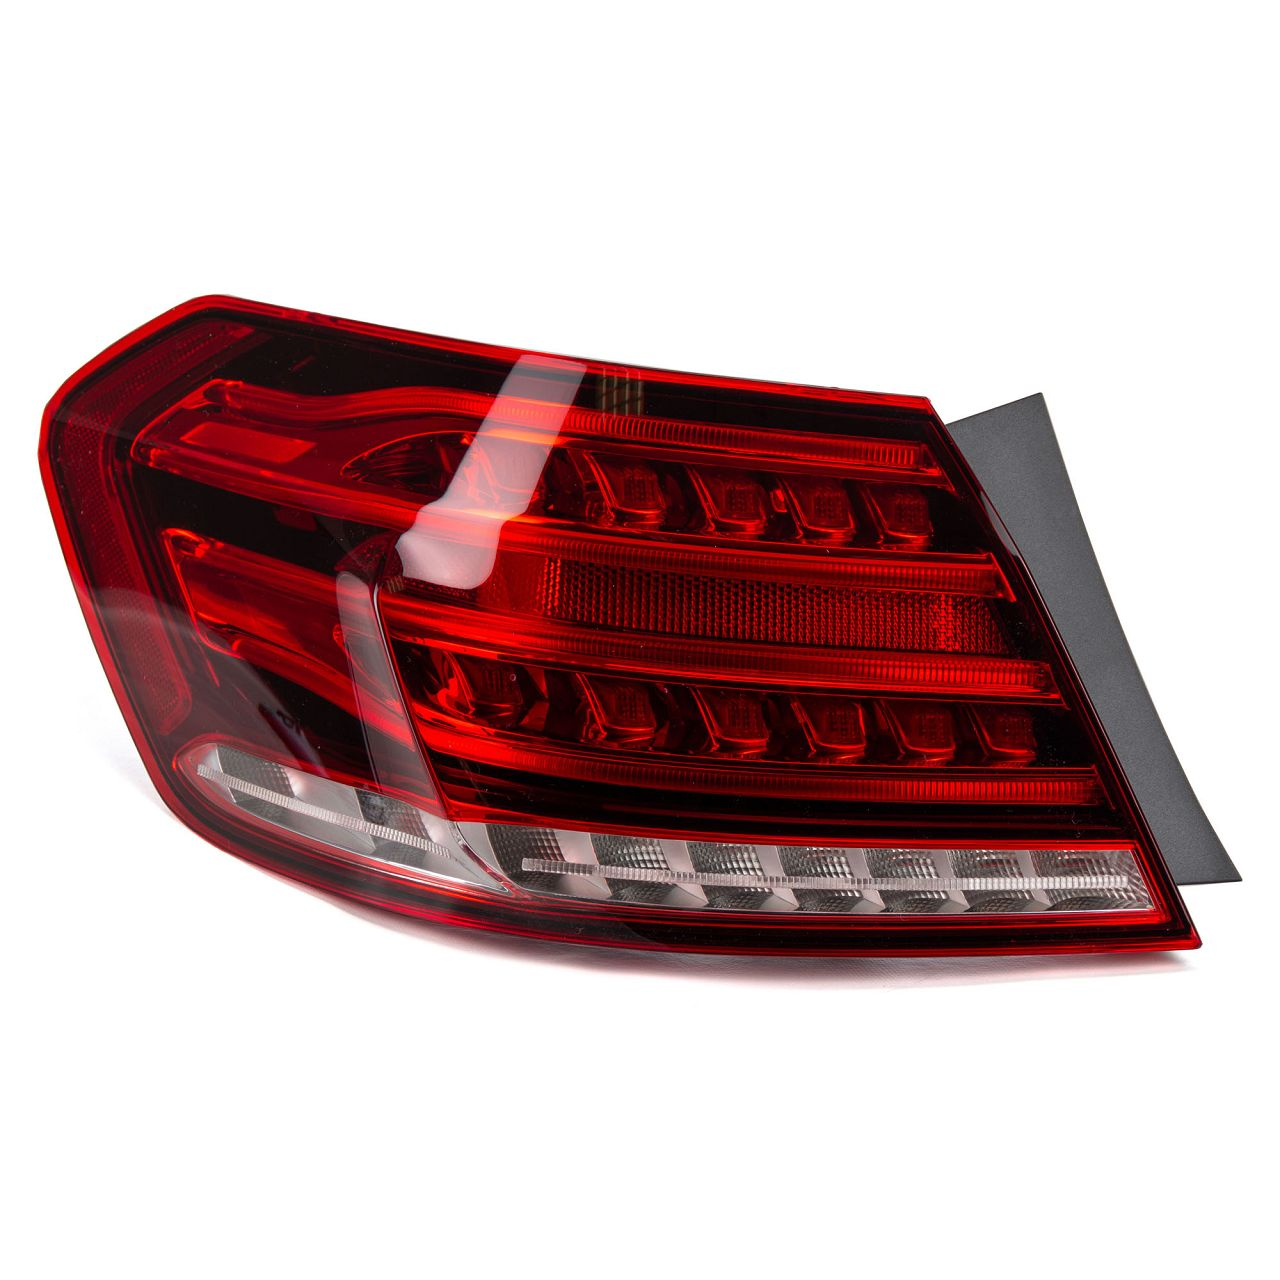 ULO Heckleuchte Rückleuchte für MERCEDES E-KLASSE W212 ab 07.2013 aussen links